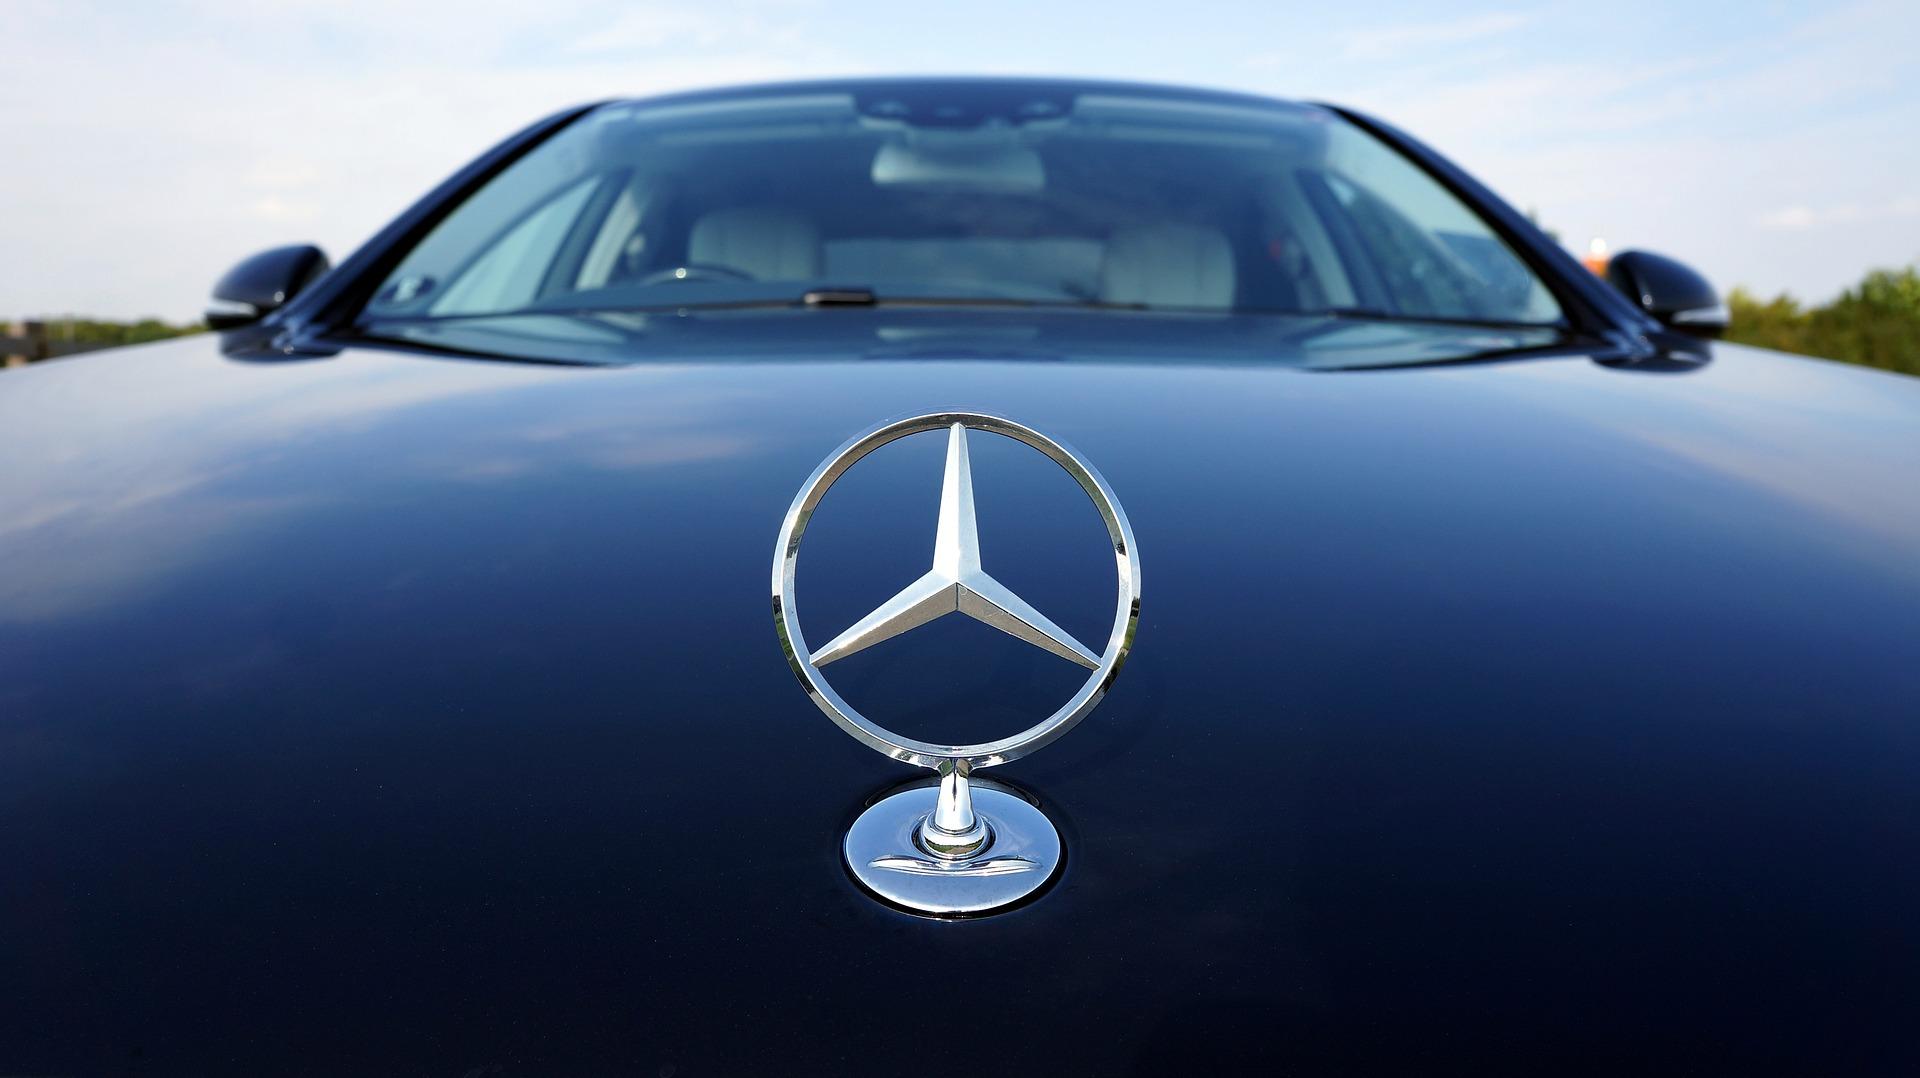 エンブレム 高級 外車 【車のエンブレム一覧】日本車&外車のマーク・ロゴを完全網羅!